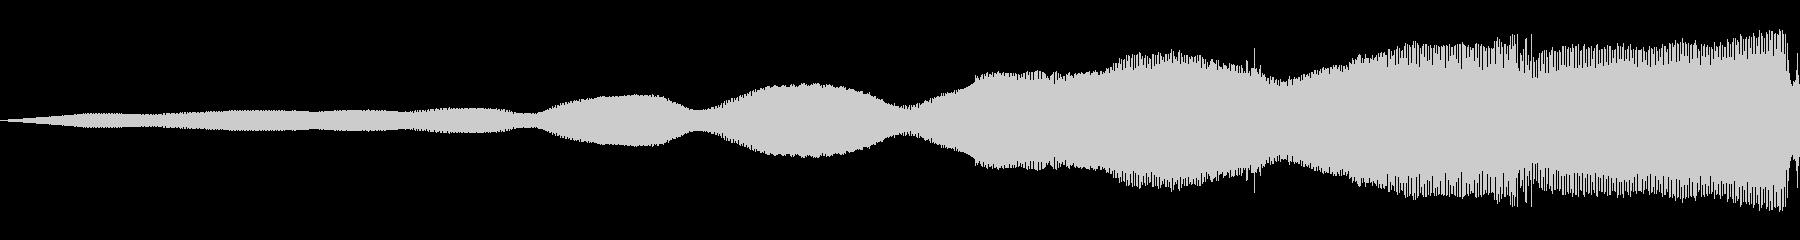 信号グリッチ1の未再生の波形